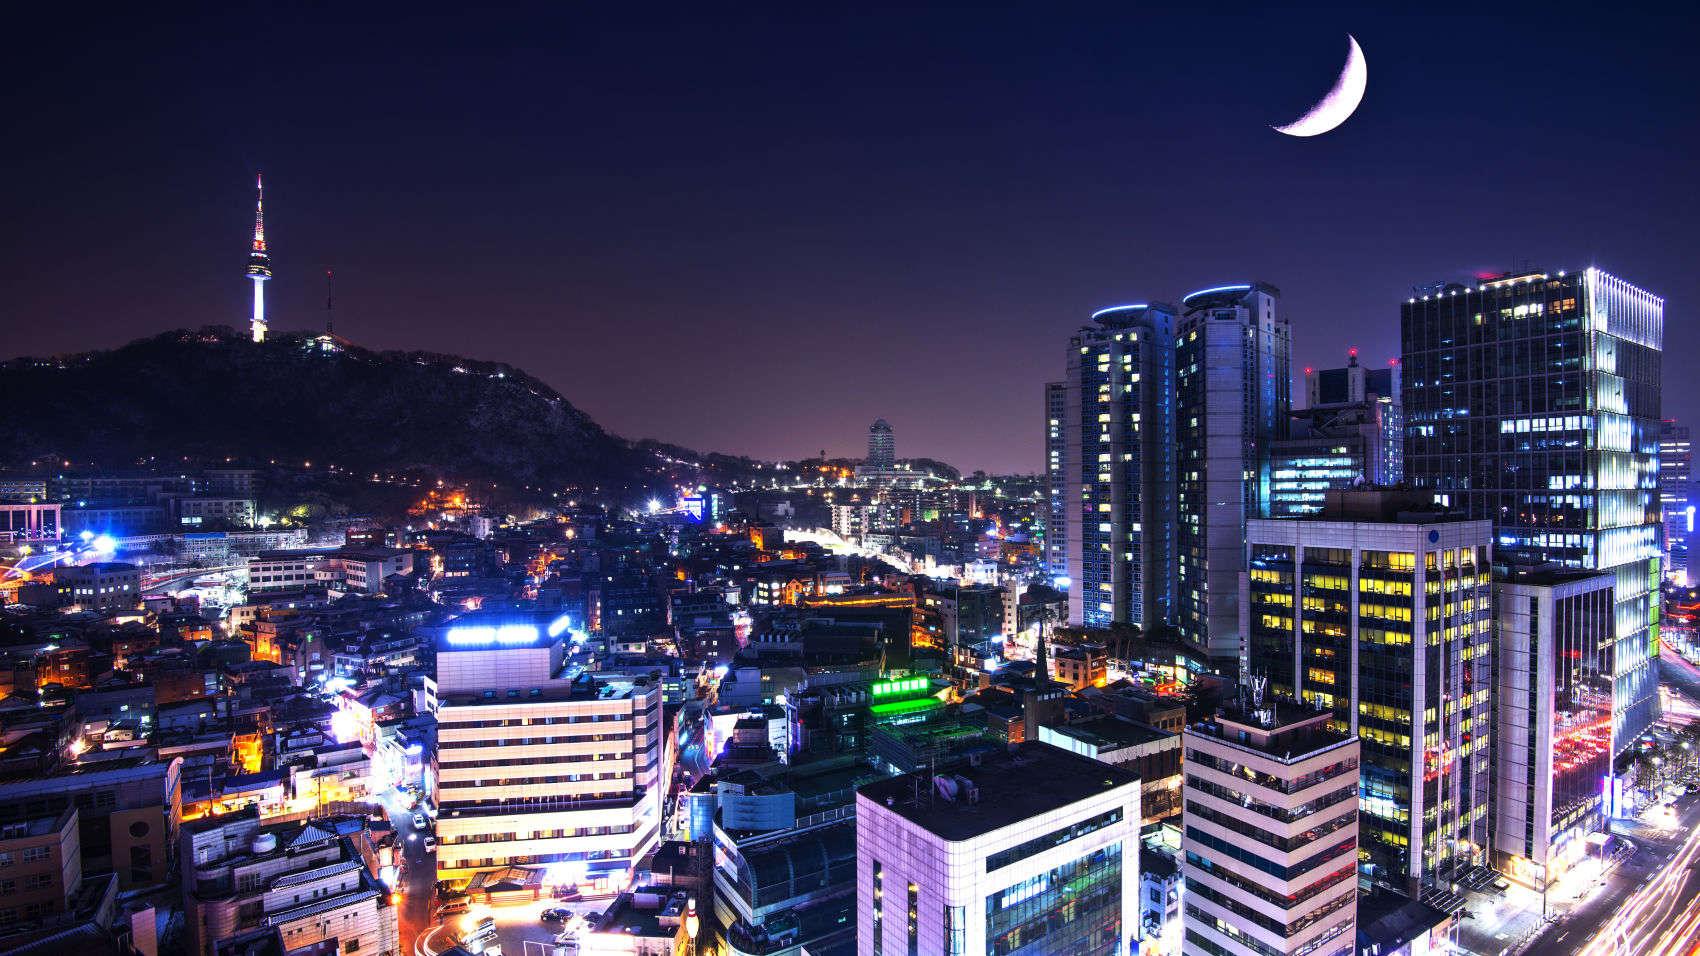 Book best western premier hotel kukdo seoul south korea hotels com - Book Best Western Premier Hotel Kukdo Seoul South Korea Hotels Com 56